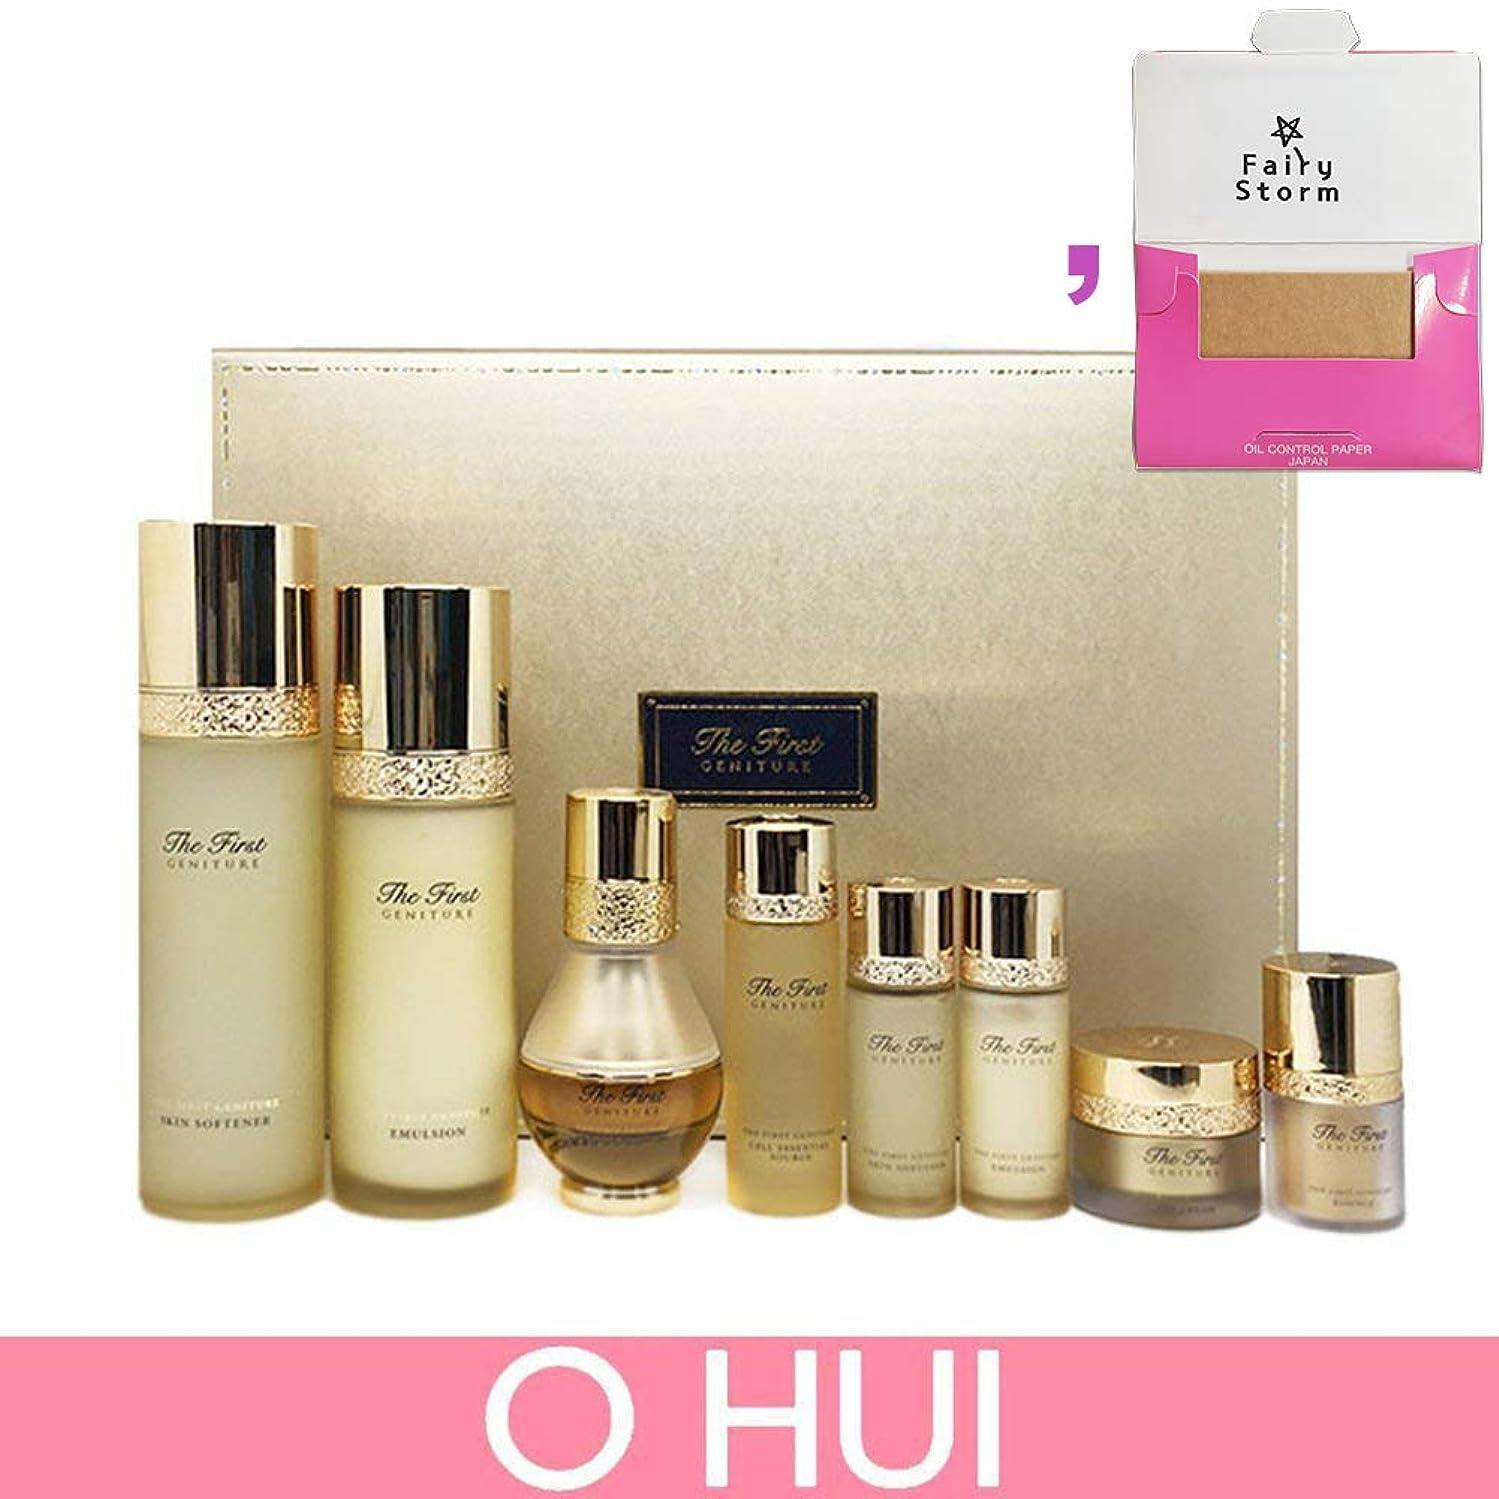 ホスト呼び起こす対象[オフィ/O HUI]韓国化粧品 LG生活健康/O HUI THE FIRST 3EA SET/オフィ ザ?ファースト 3点セット + [Sample Gift](海外直送品)